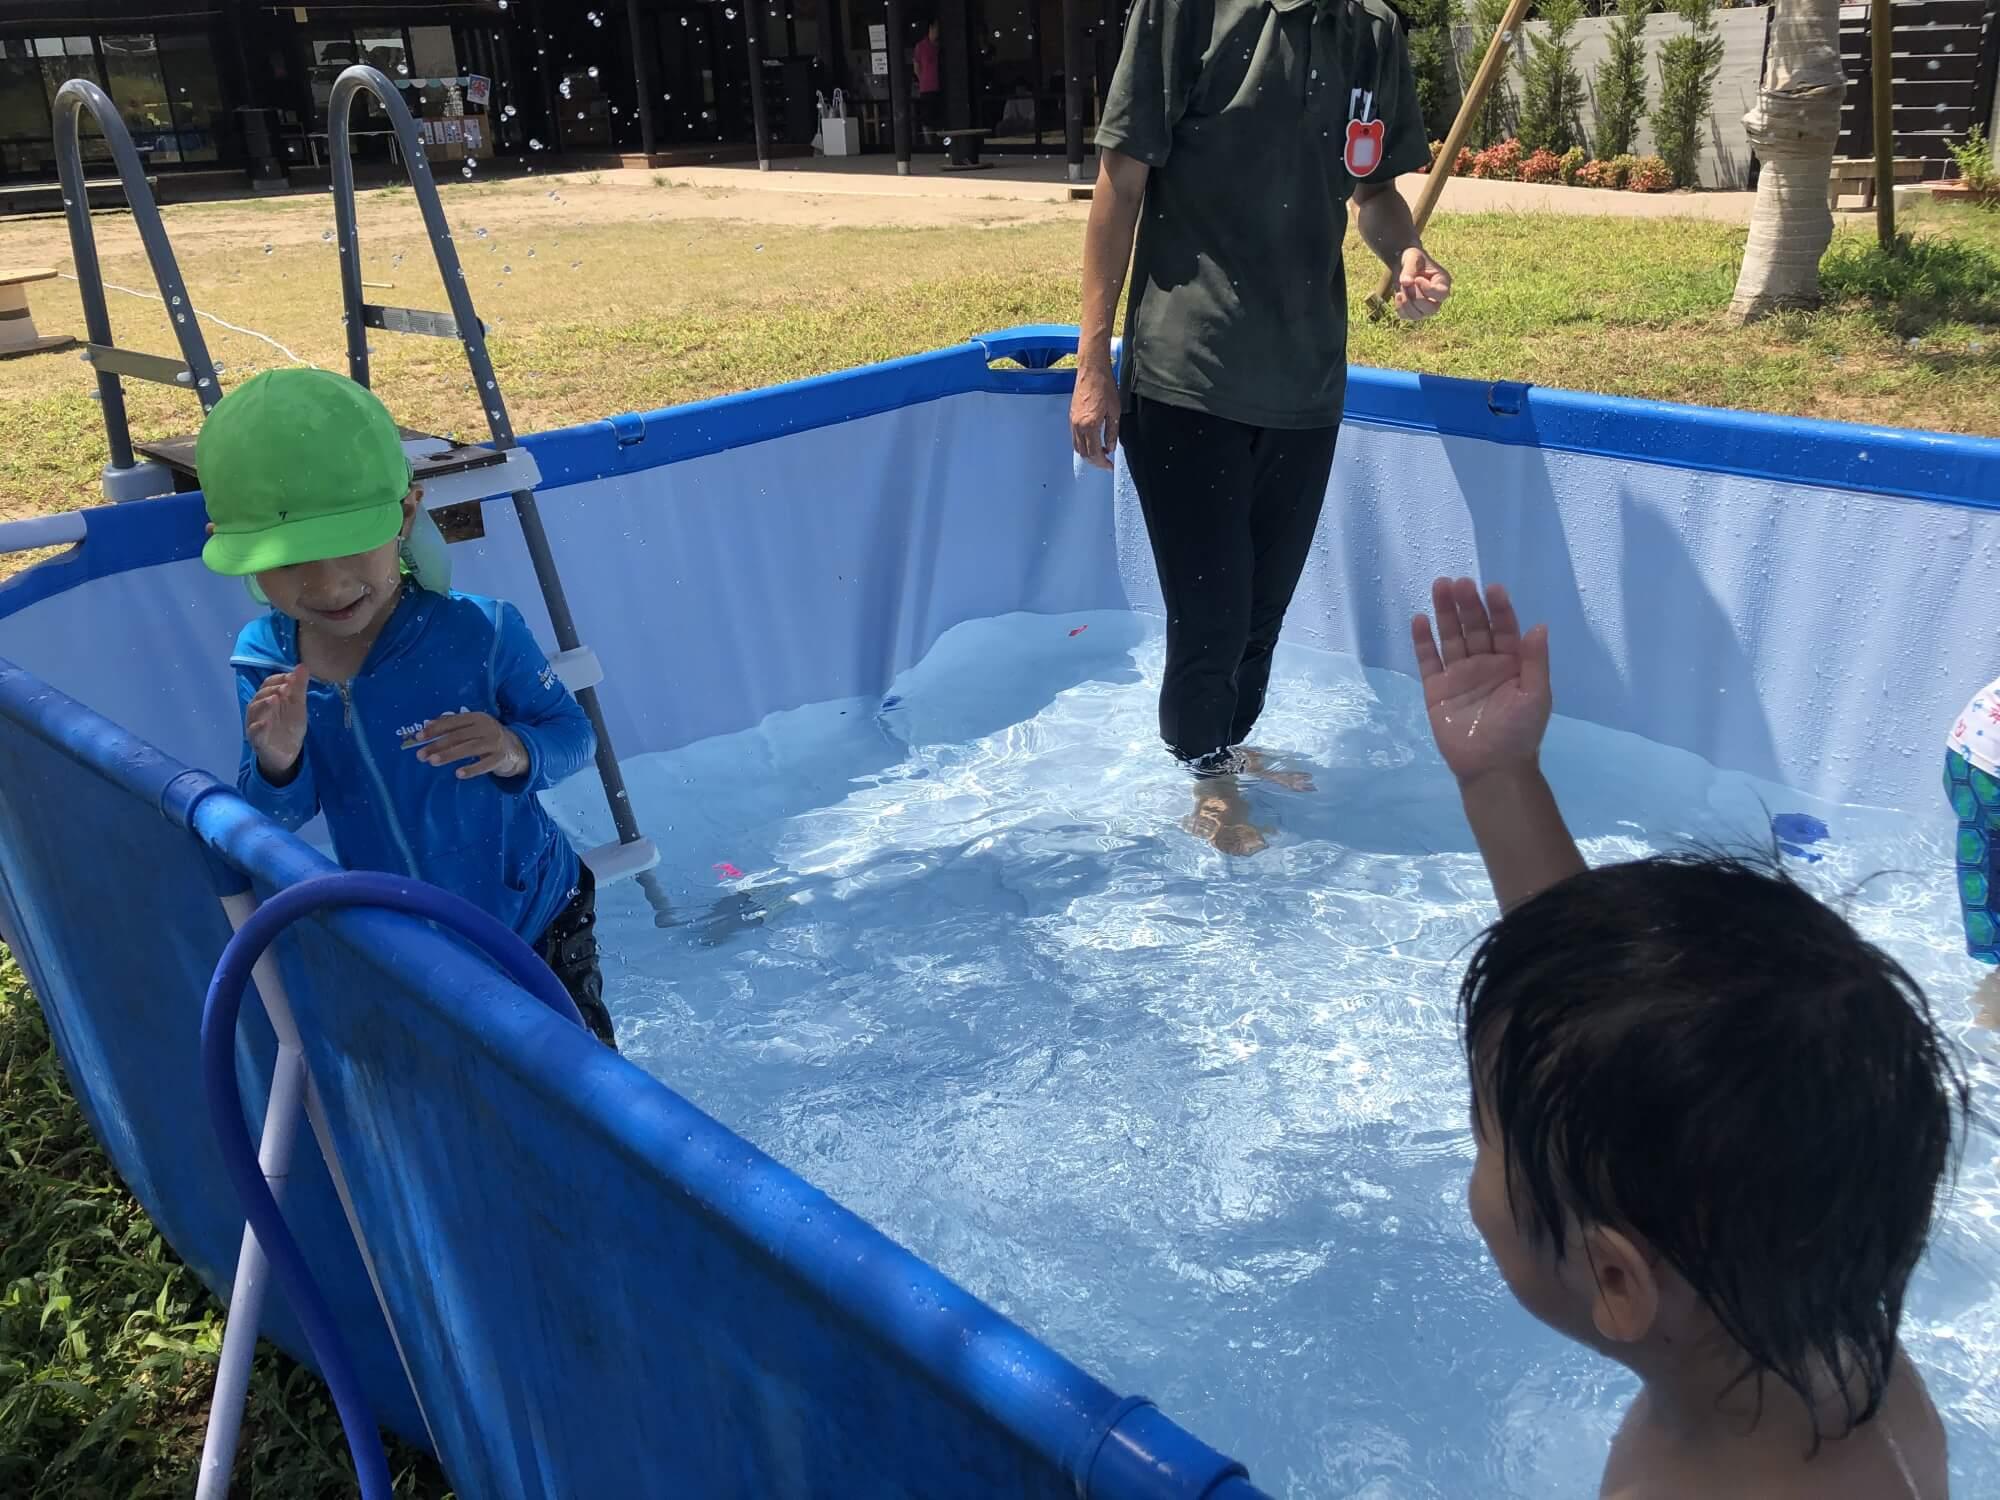 プールで水のかけあいをする子どもたち